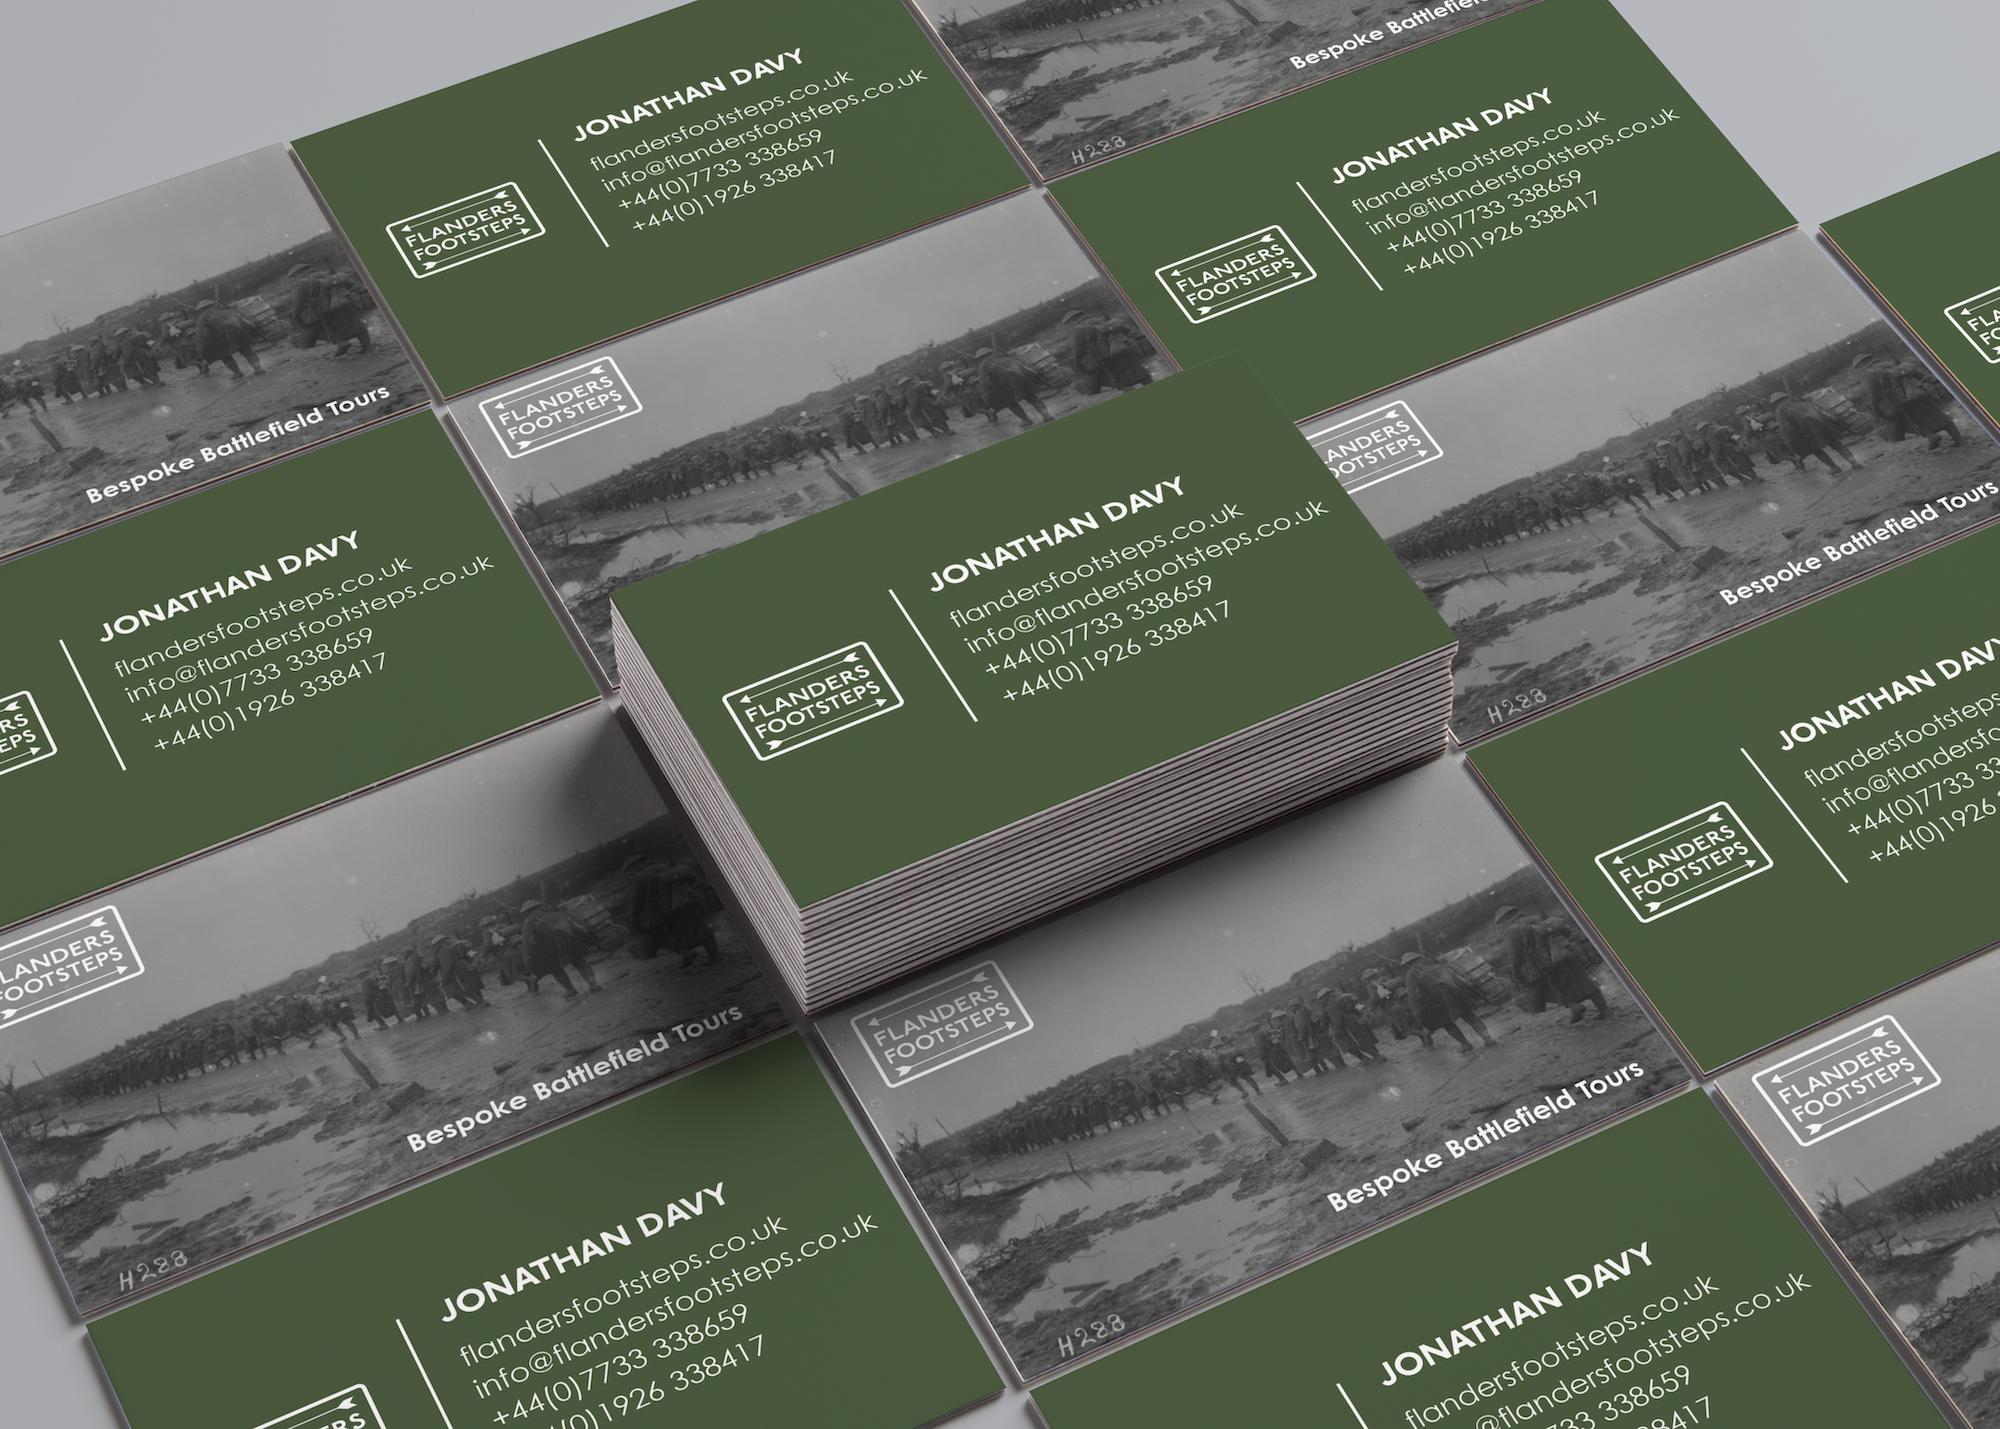 Flanders Footsteps Business Cards designed by Emma Scott Web Design